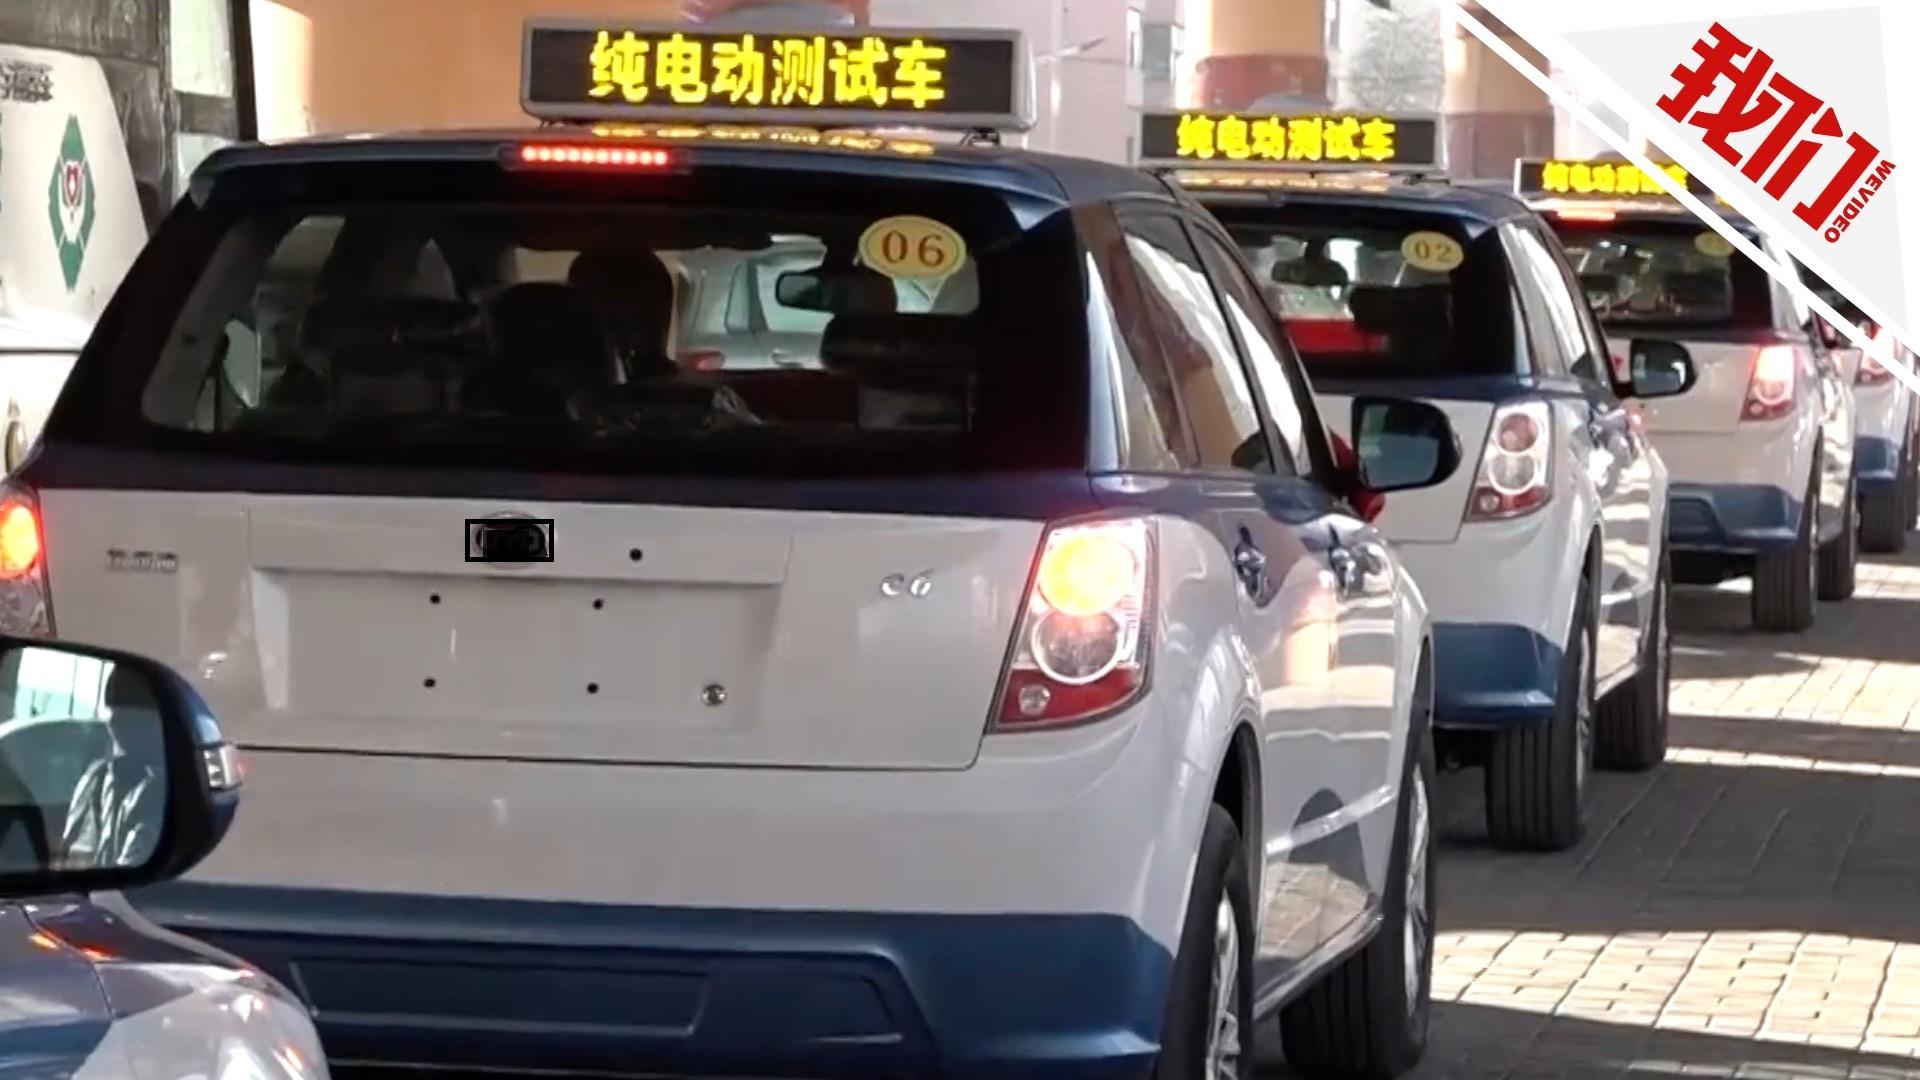 http://www.jienengcc.cn/dianlidianwang/129851.html